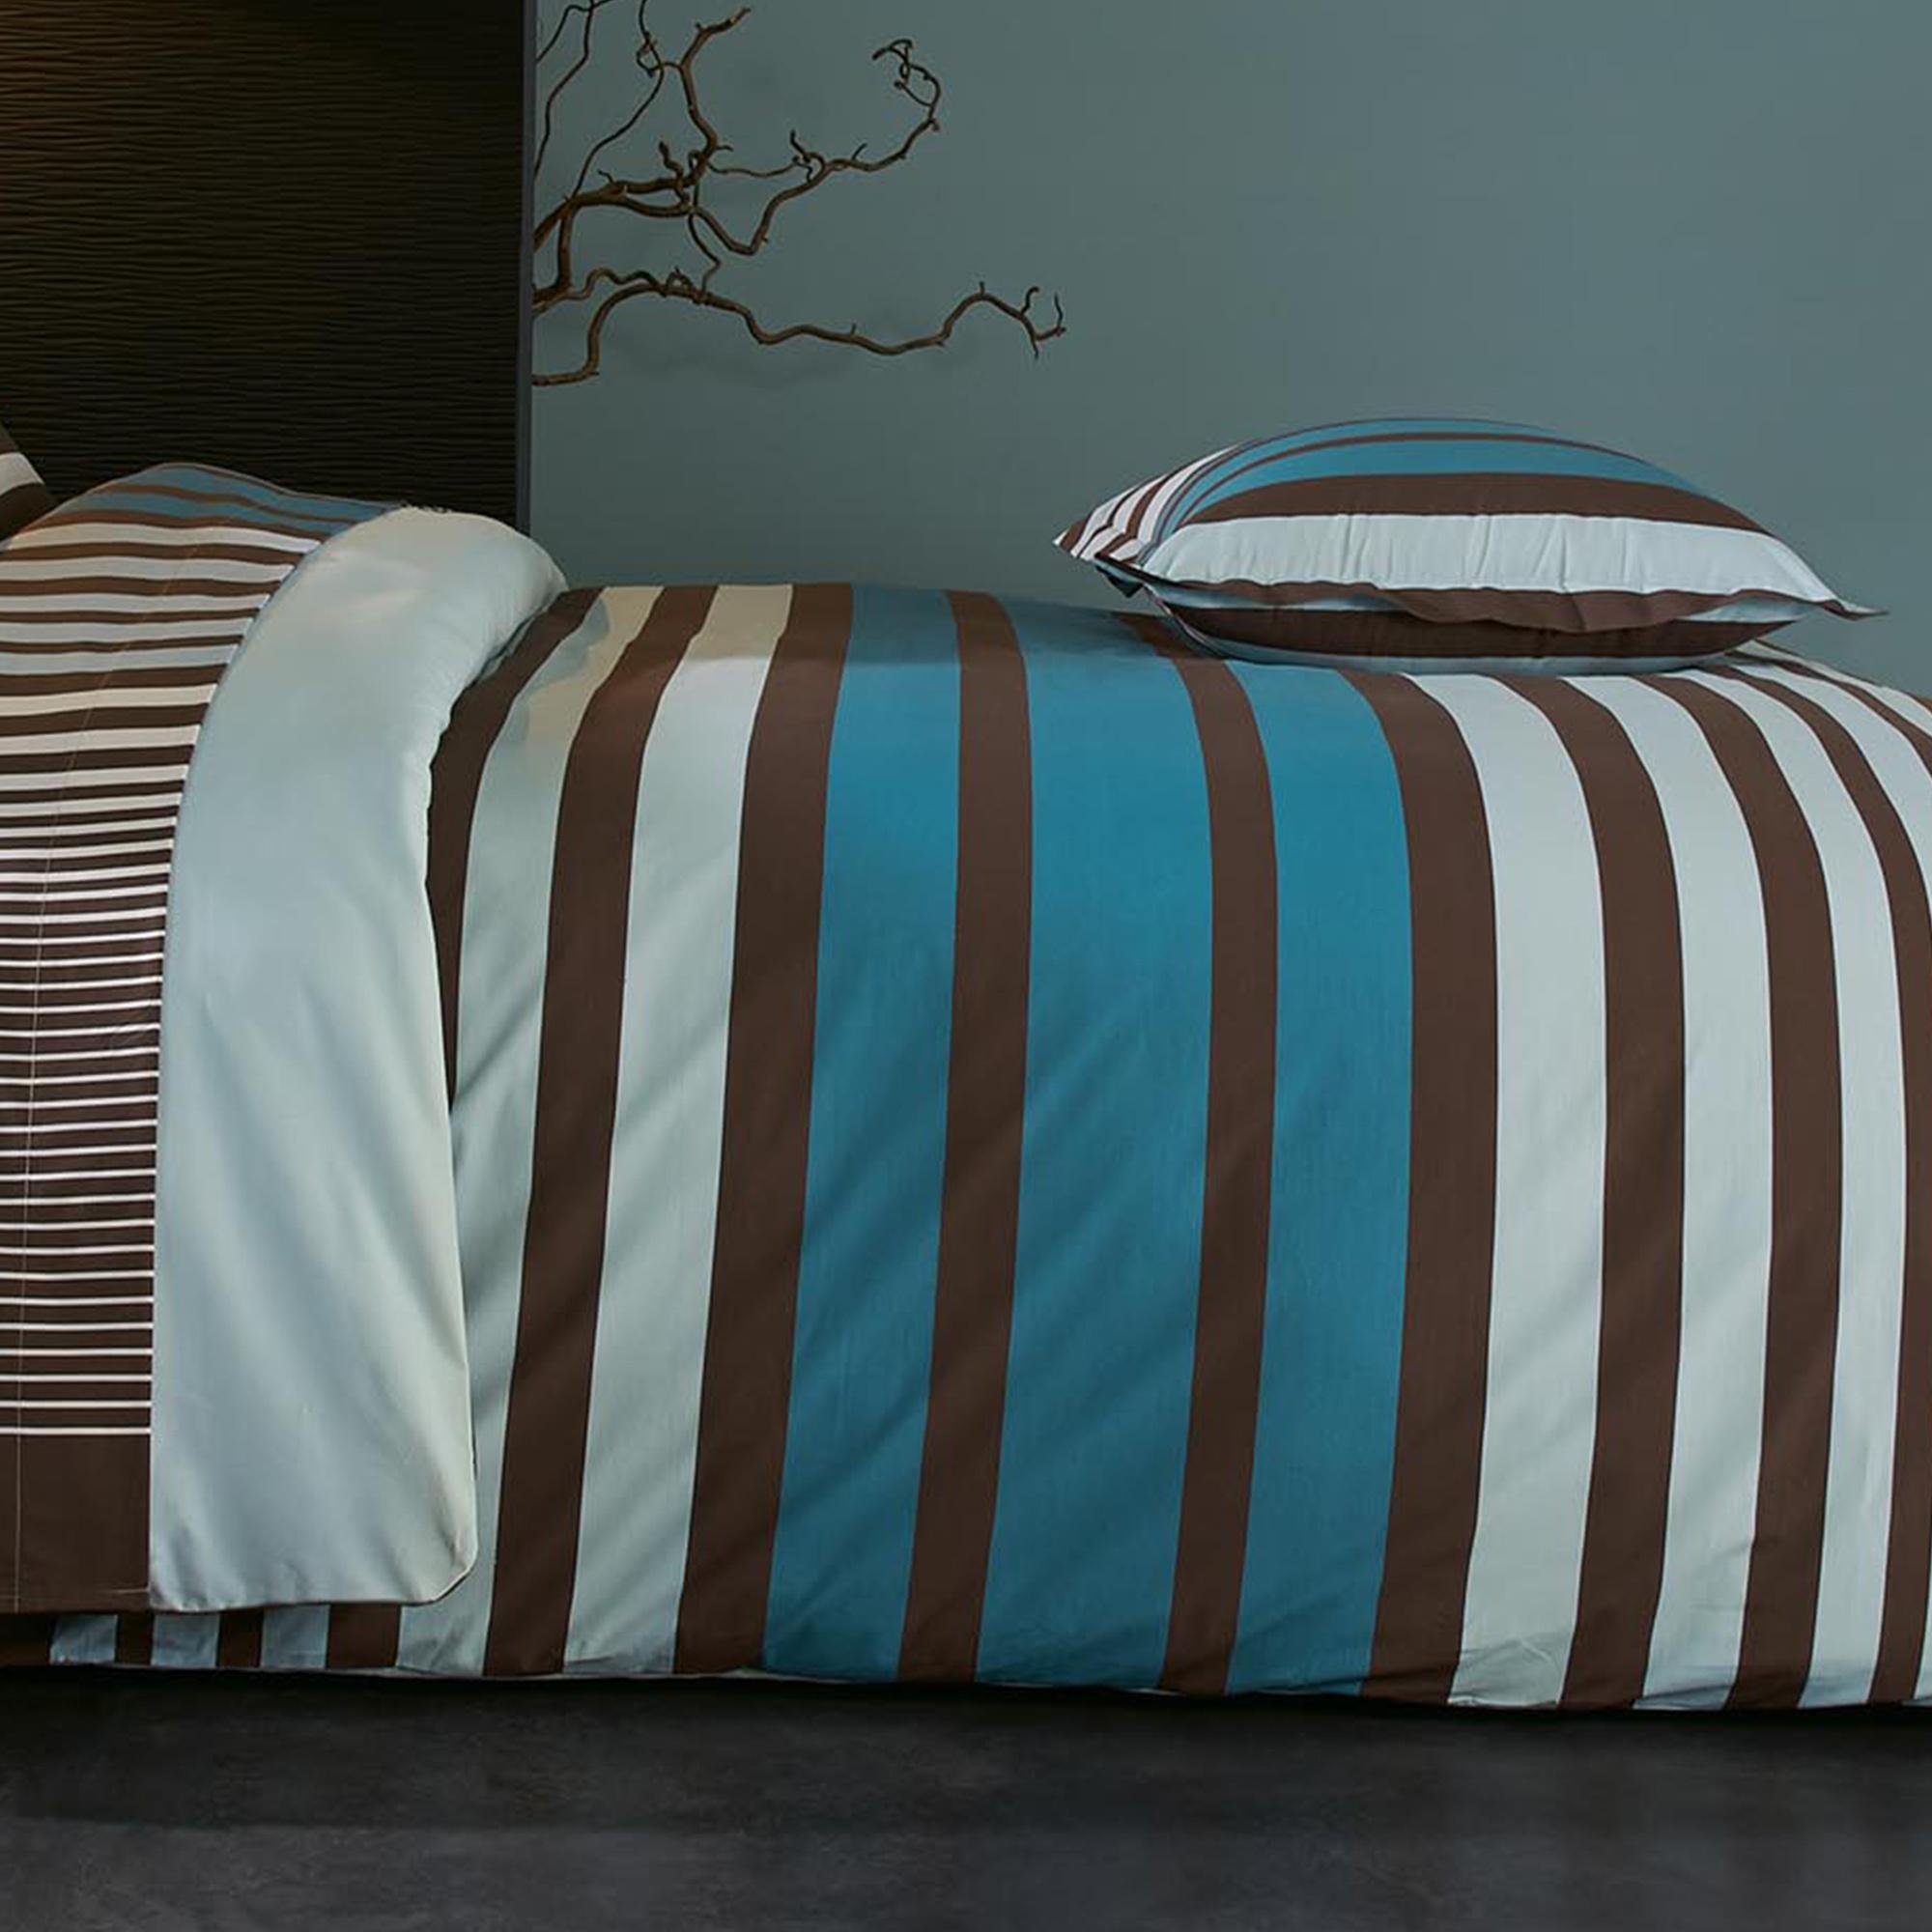 housse de couette percale pur coton peign 200x200 cm stripe bleu linnea linge de maison et. Black Bedroom Furniture Sets. Home Design Ideas